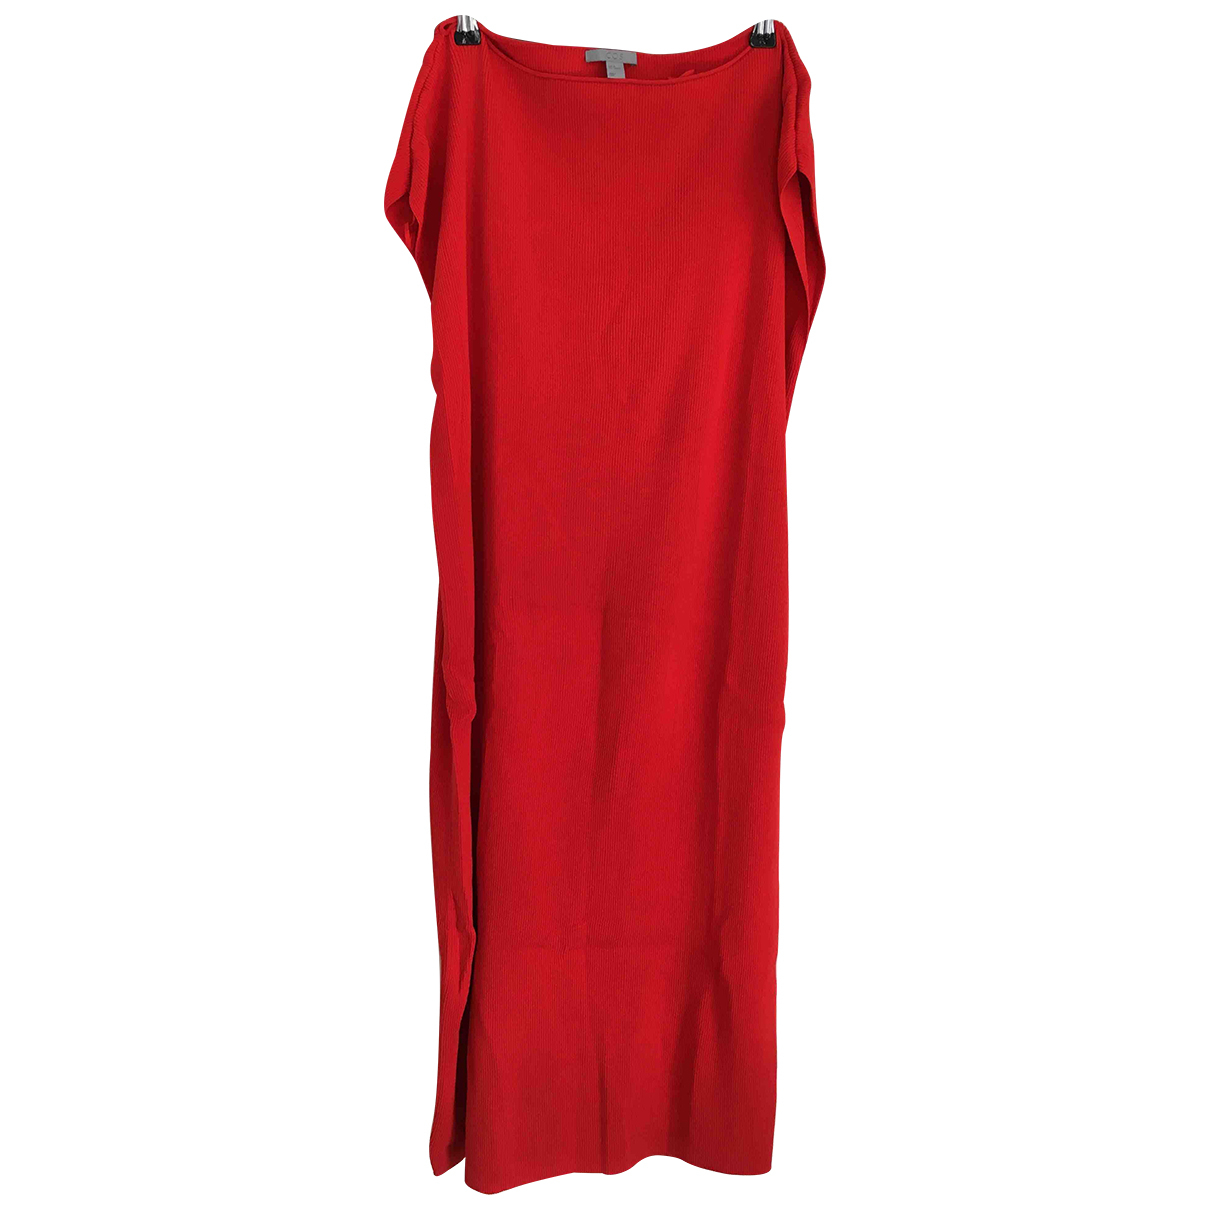 Cos \N Kleid in  Rot Baumwolle